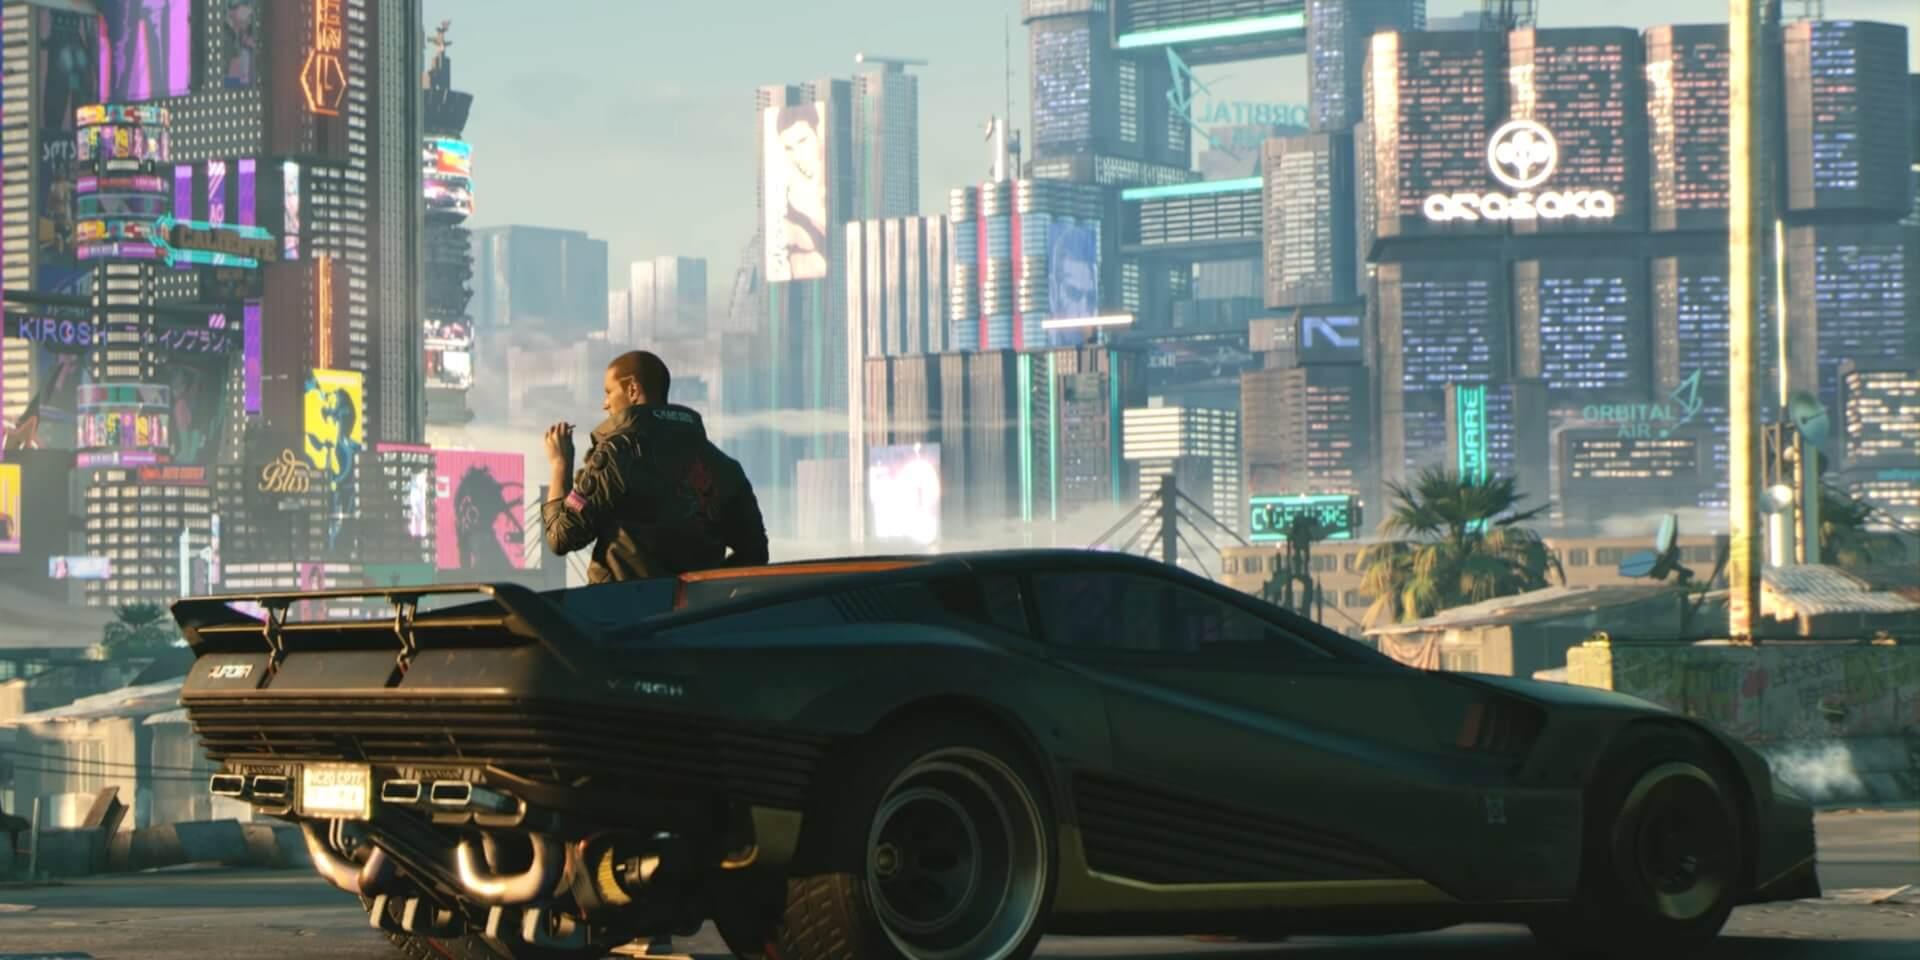 Acciones de CD Projekt RED suben por… ¿Un mensaje de Elon Musk sobre Cyberpunk 2077?